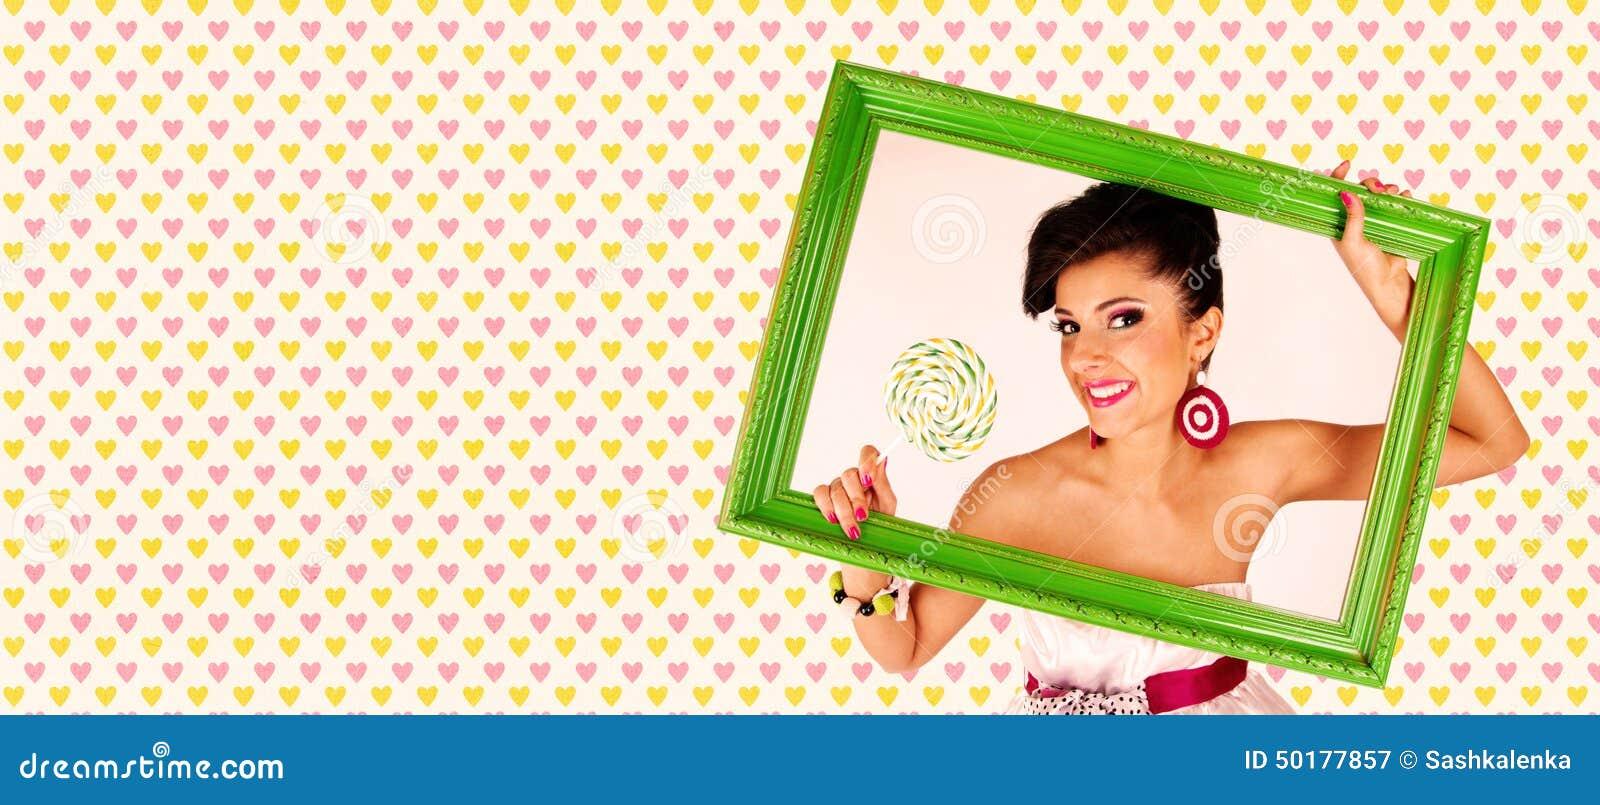 Фото девушек и предметы красивое занятие